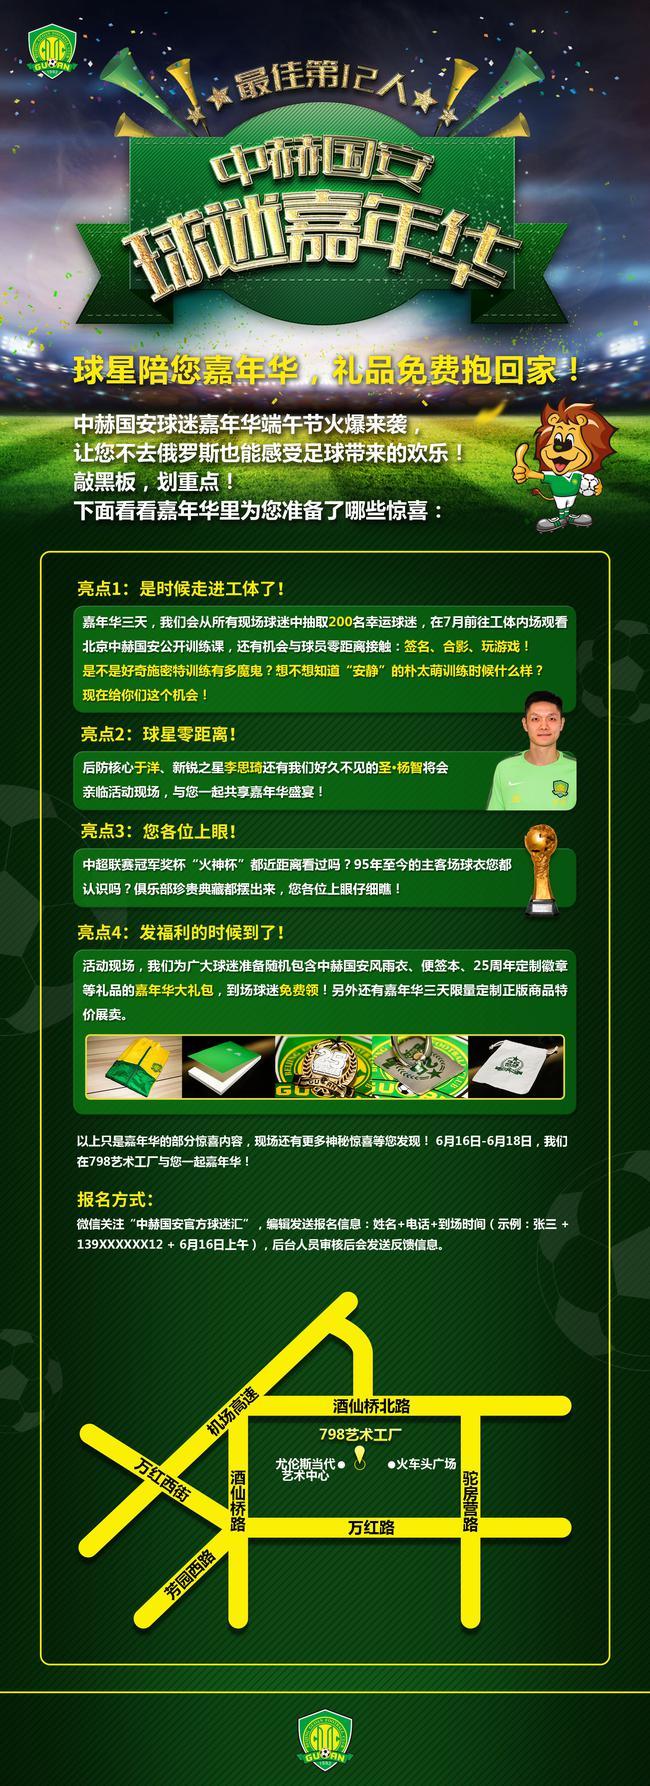 中赫國安歷史首次球迷嘉年華